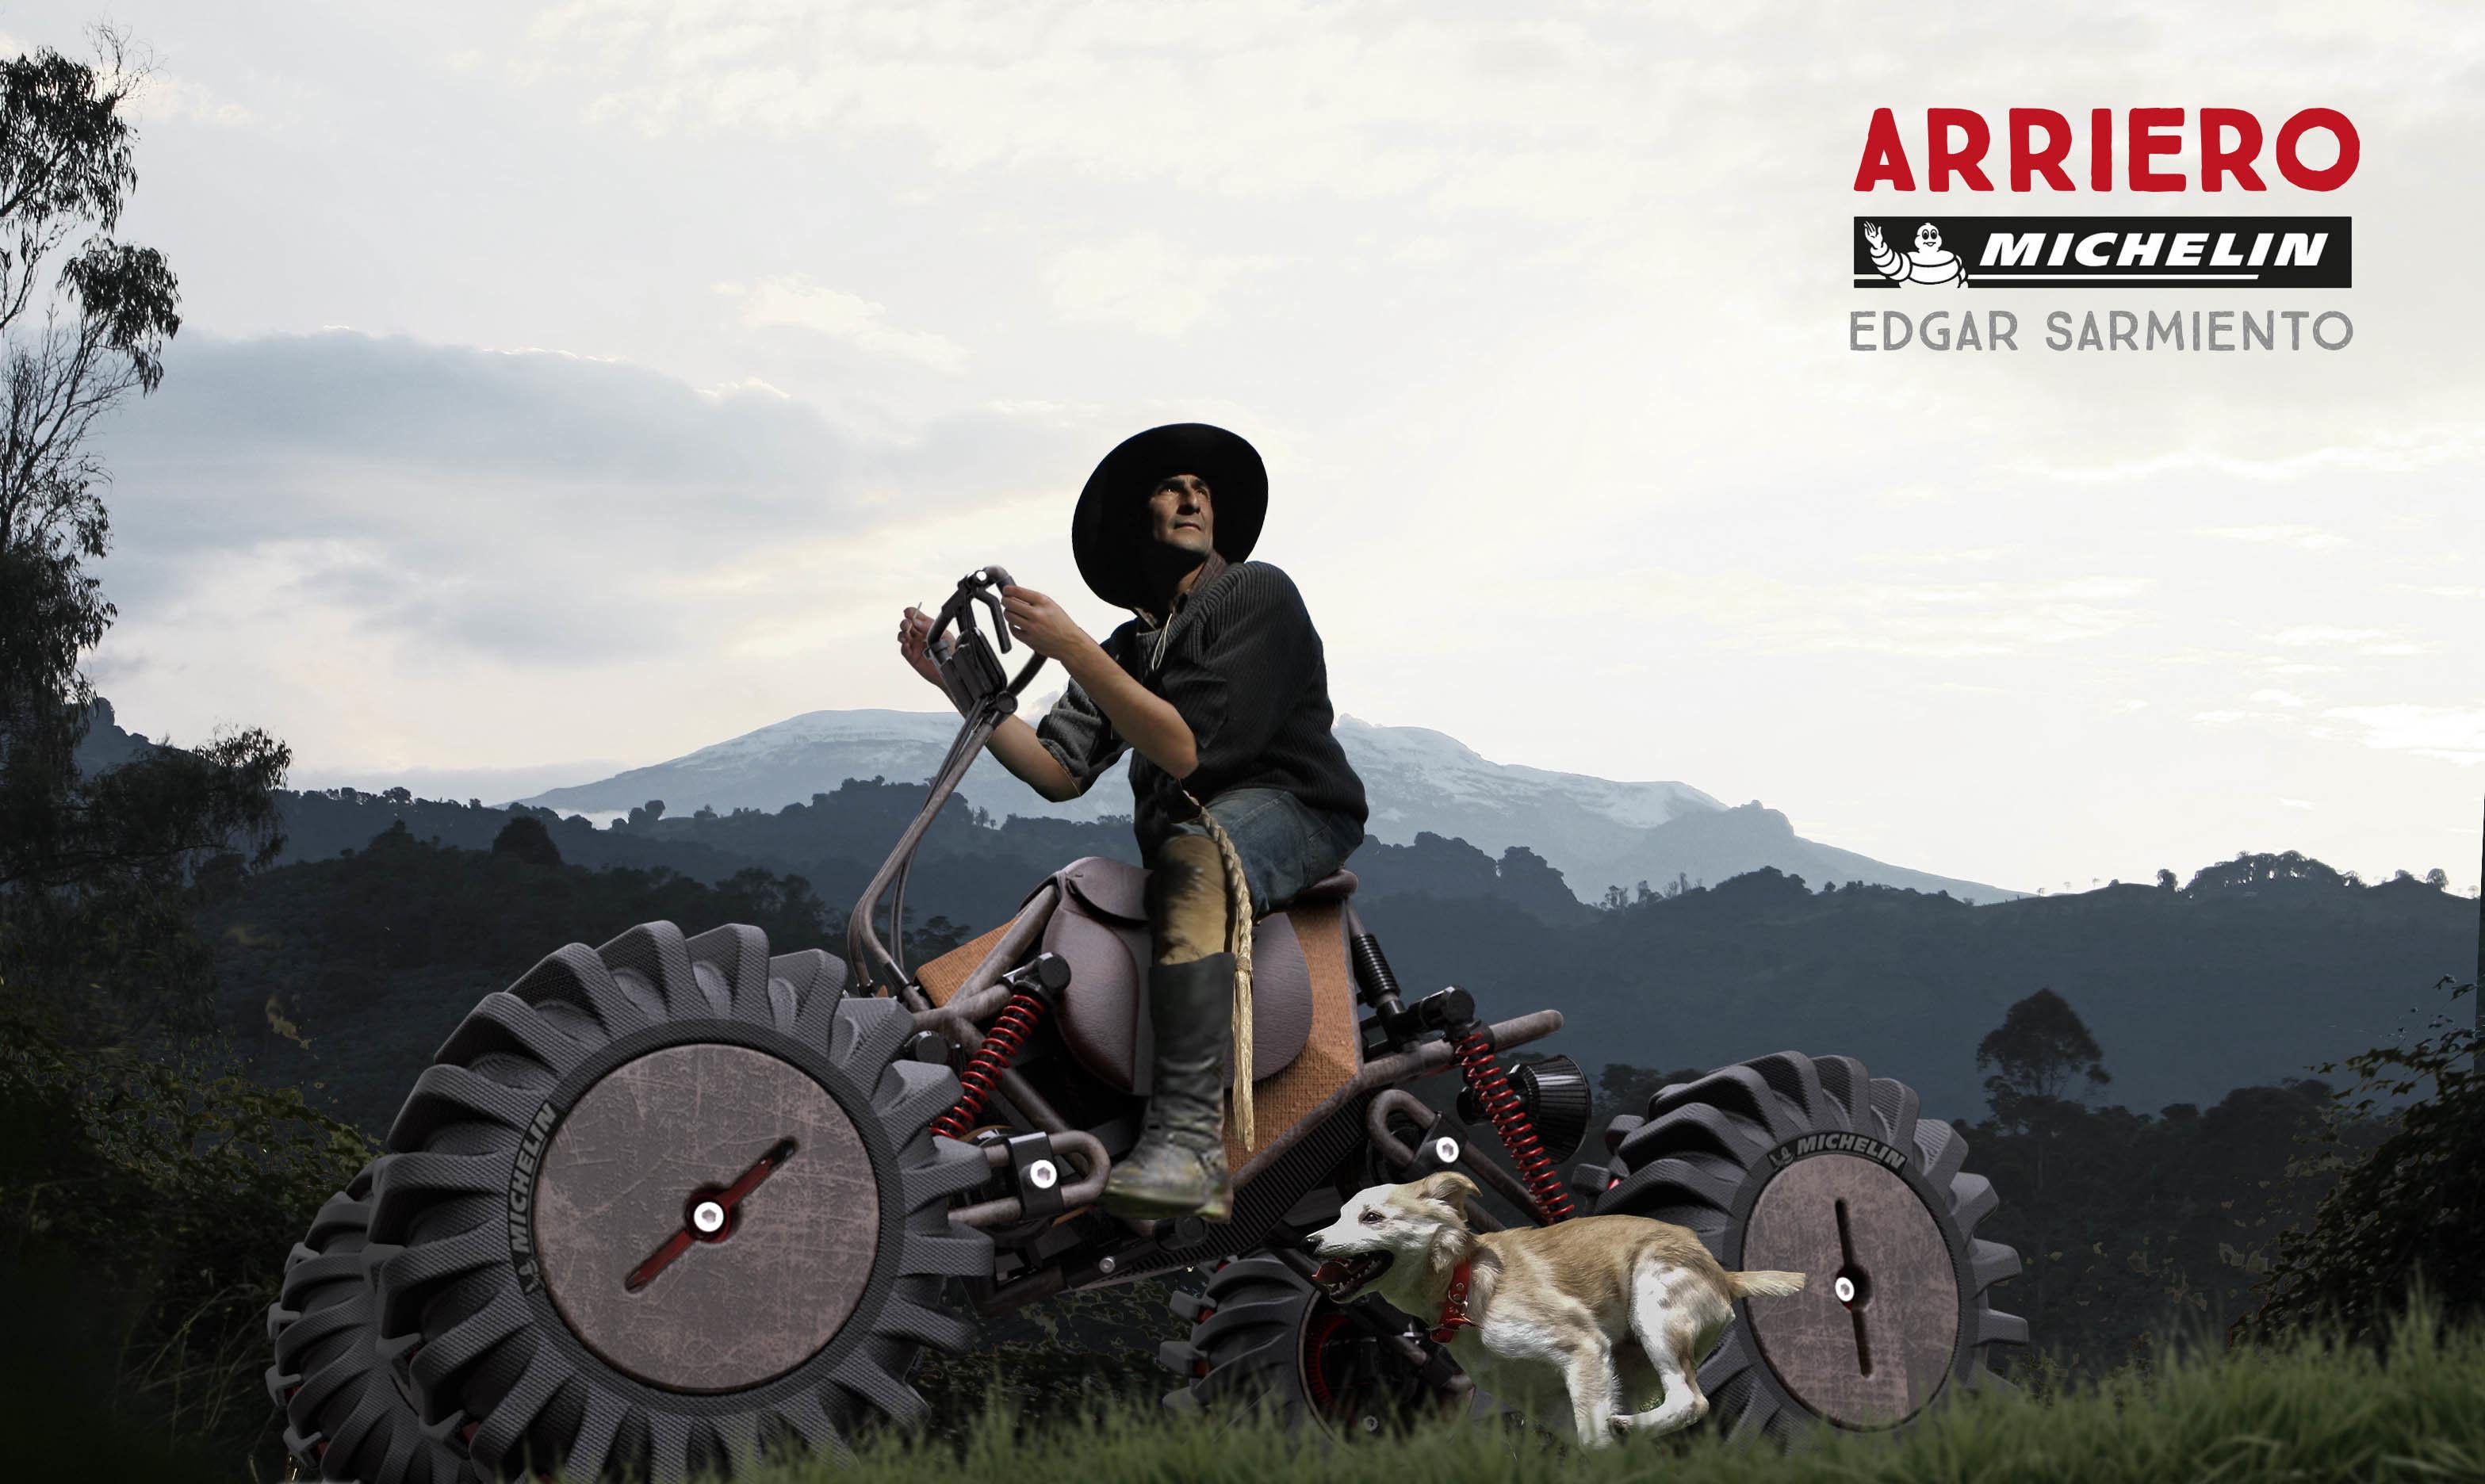 Arriero vehicle